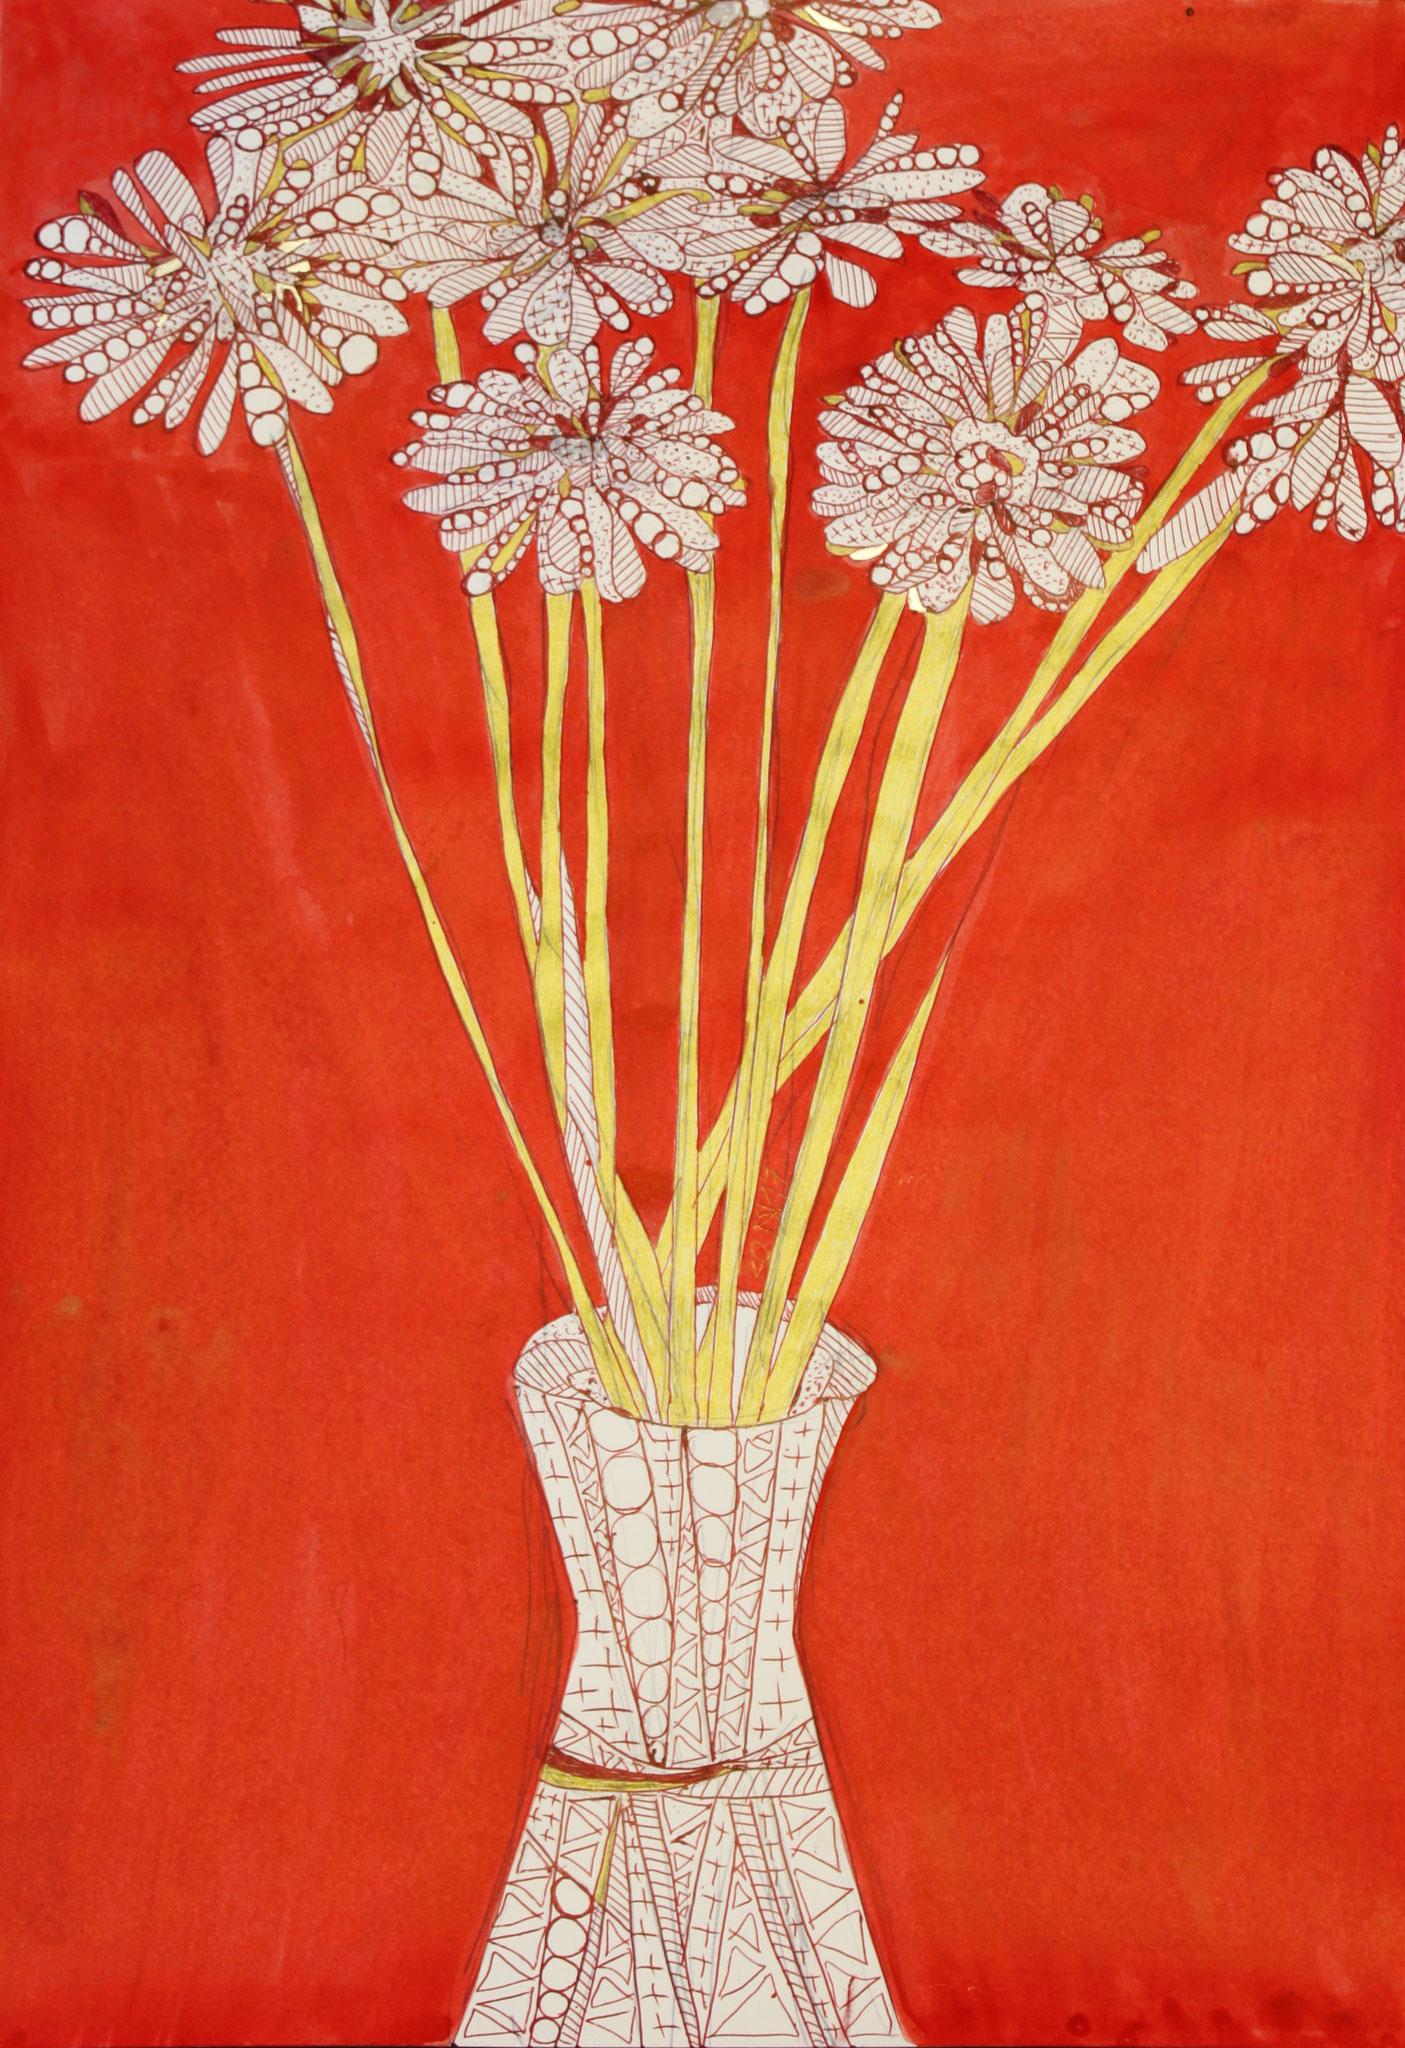 Goldene Drahtblumen, Tinte und Kugelschreiber auf Papier, 42 cm x 29 cm, 2017